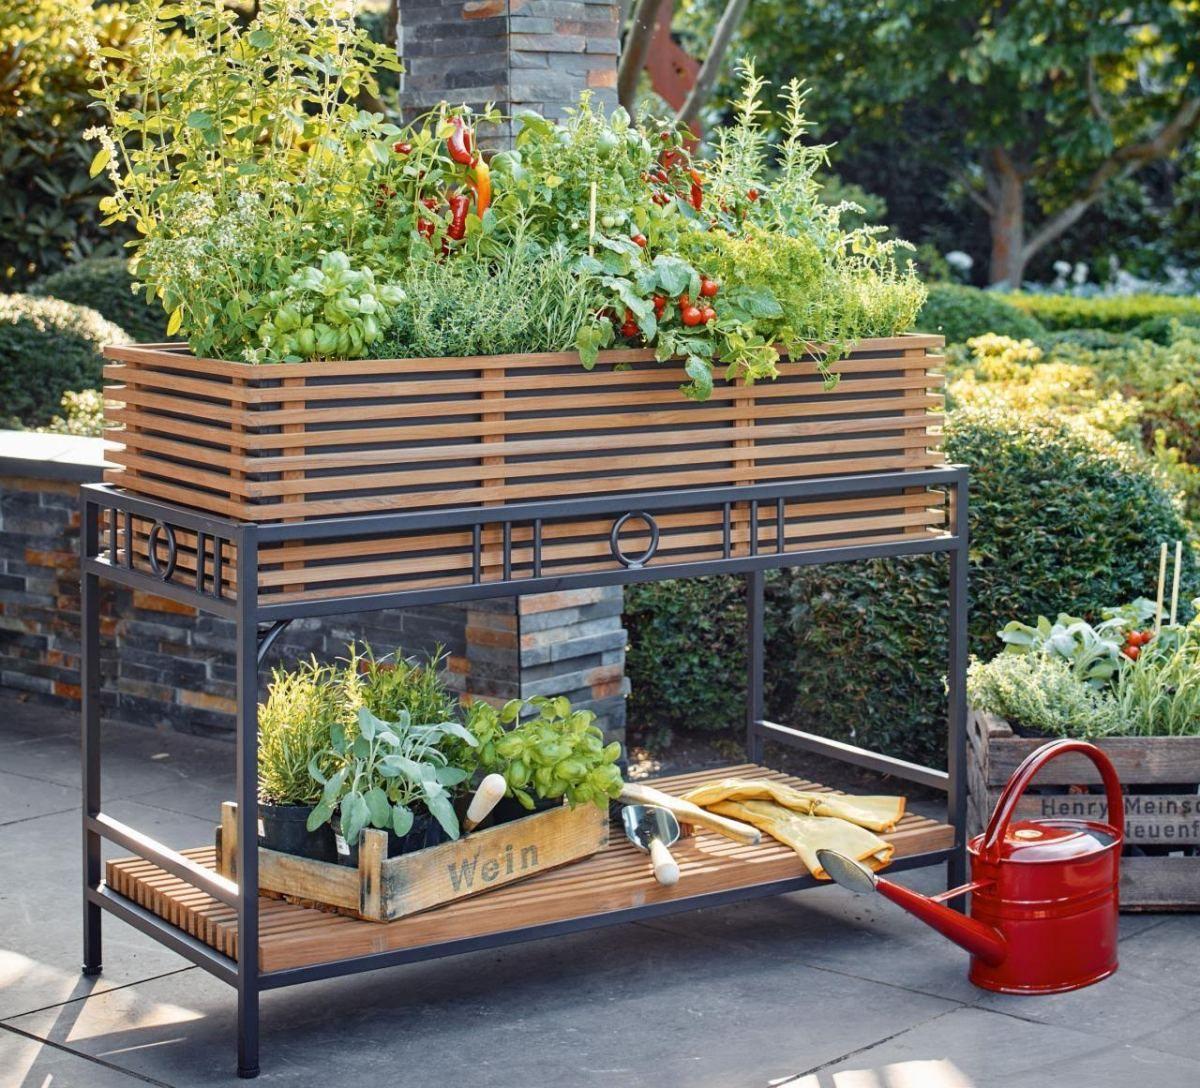 hochbeet bauen und bepflanzen so geht 39 s hochbeet aus holz hochbeet und terrasse. Black Bedroom Furniture Sets. Home Design Ideas